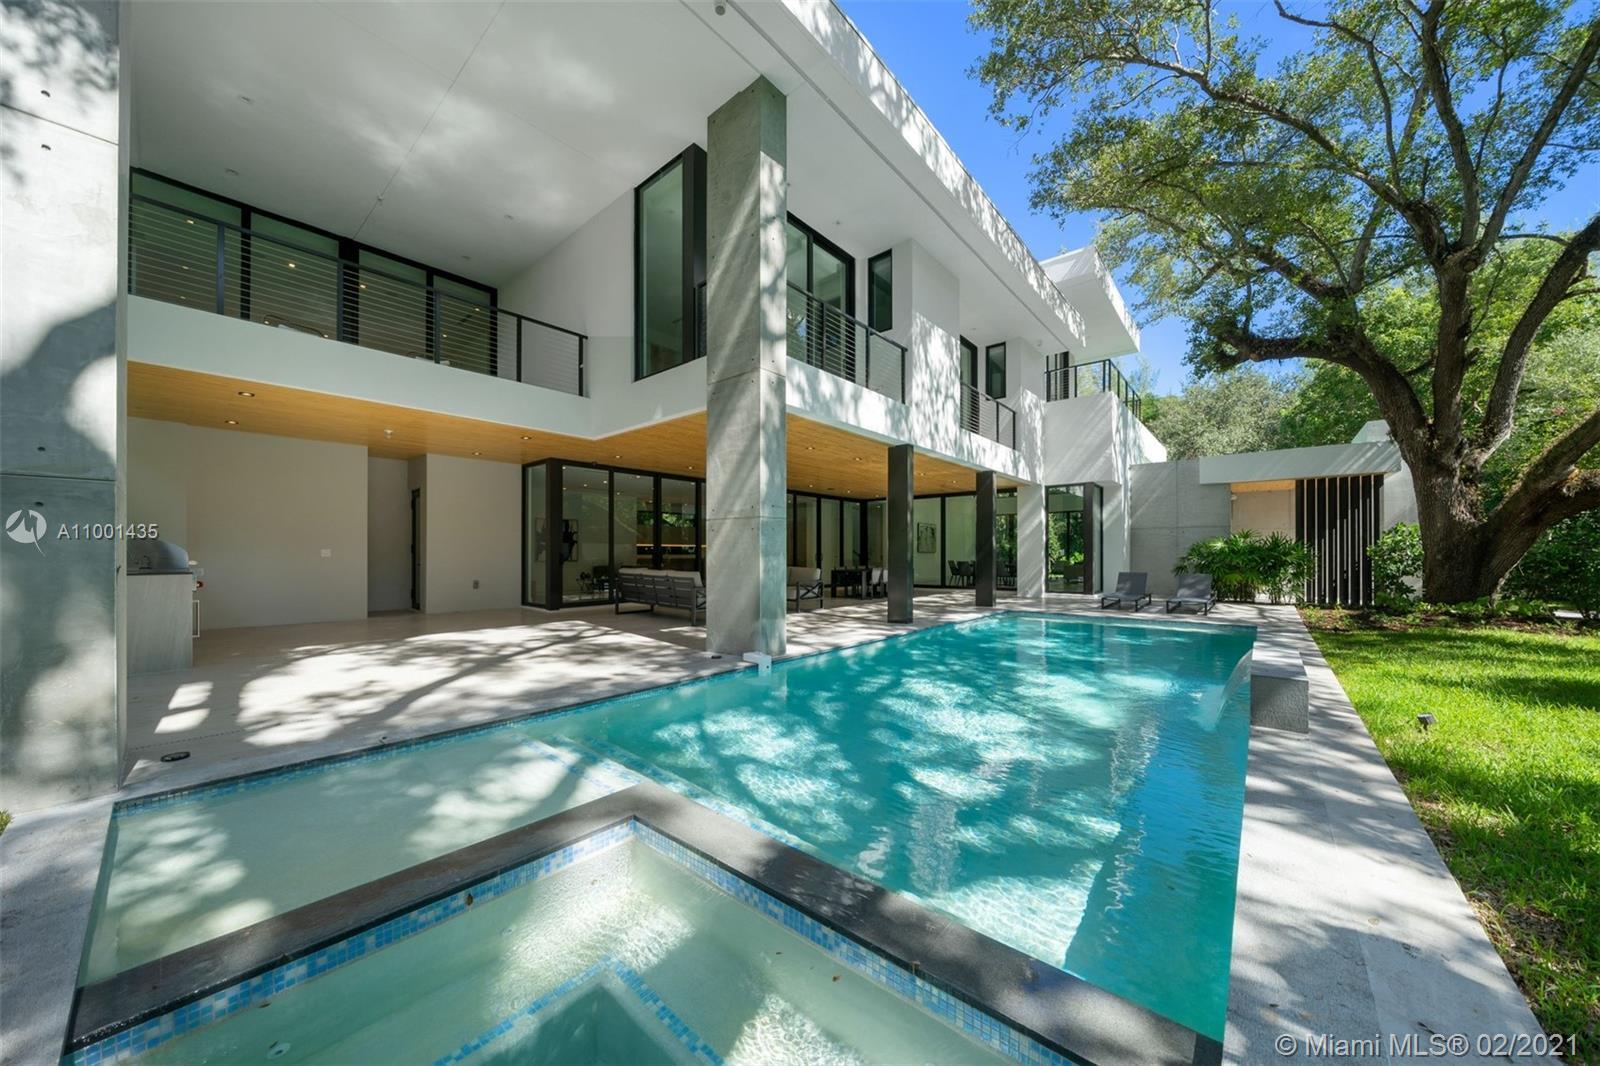 South Miami # - 01 - photo